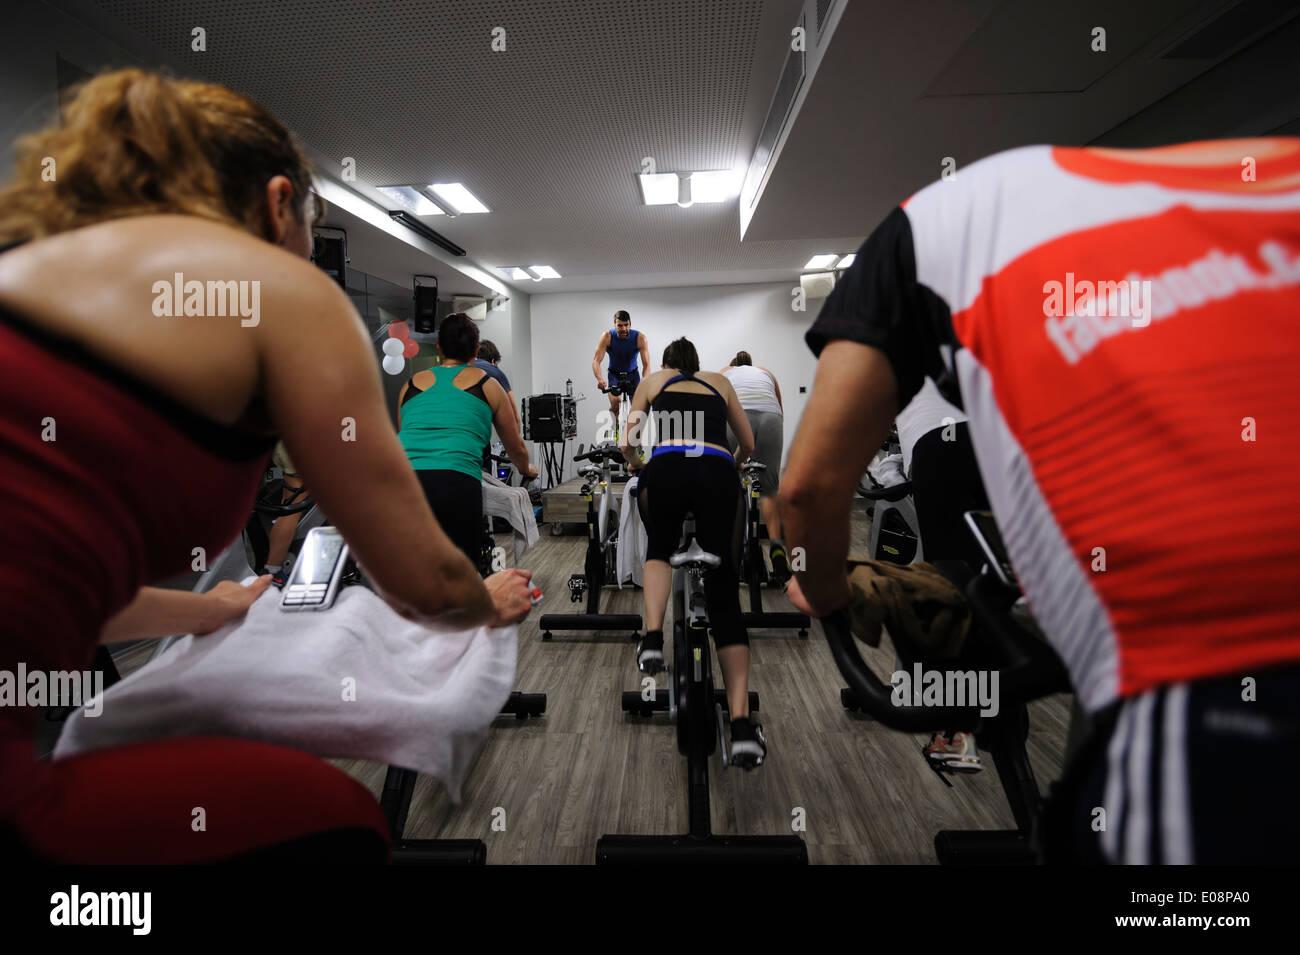 Blick von der Rückseite der Leute mit stationären Fahrrad bei einem Spinning-Kurs in der Turnhalle Stockbild